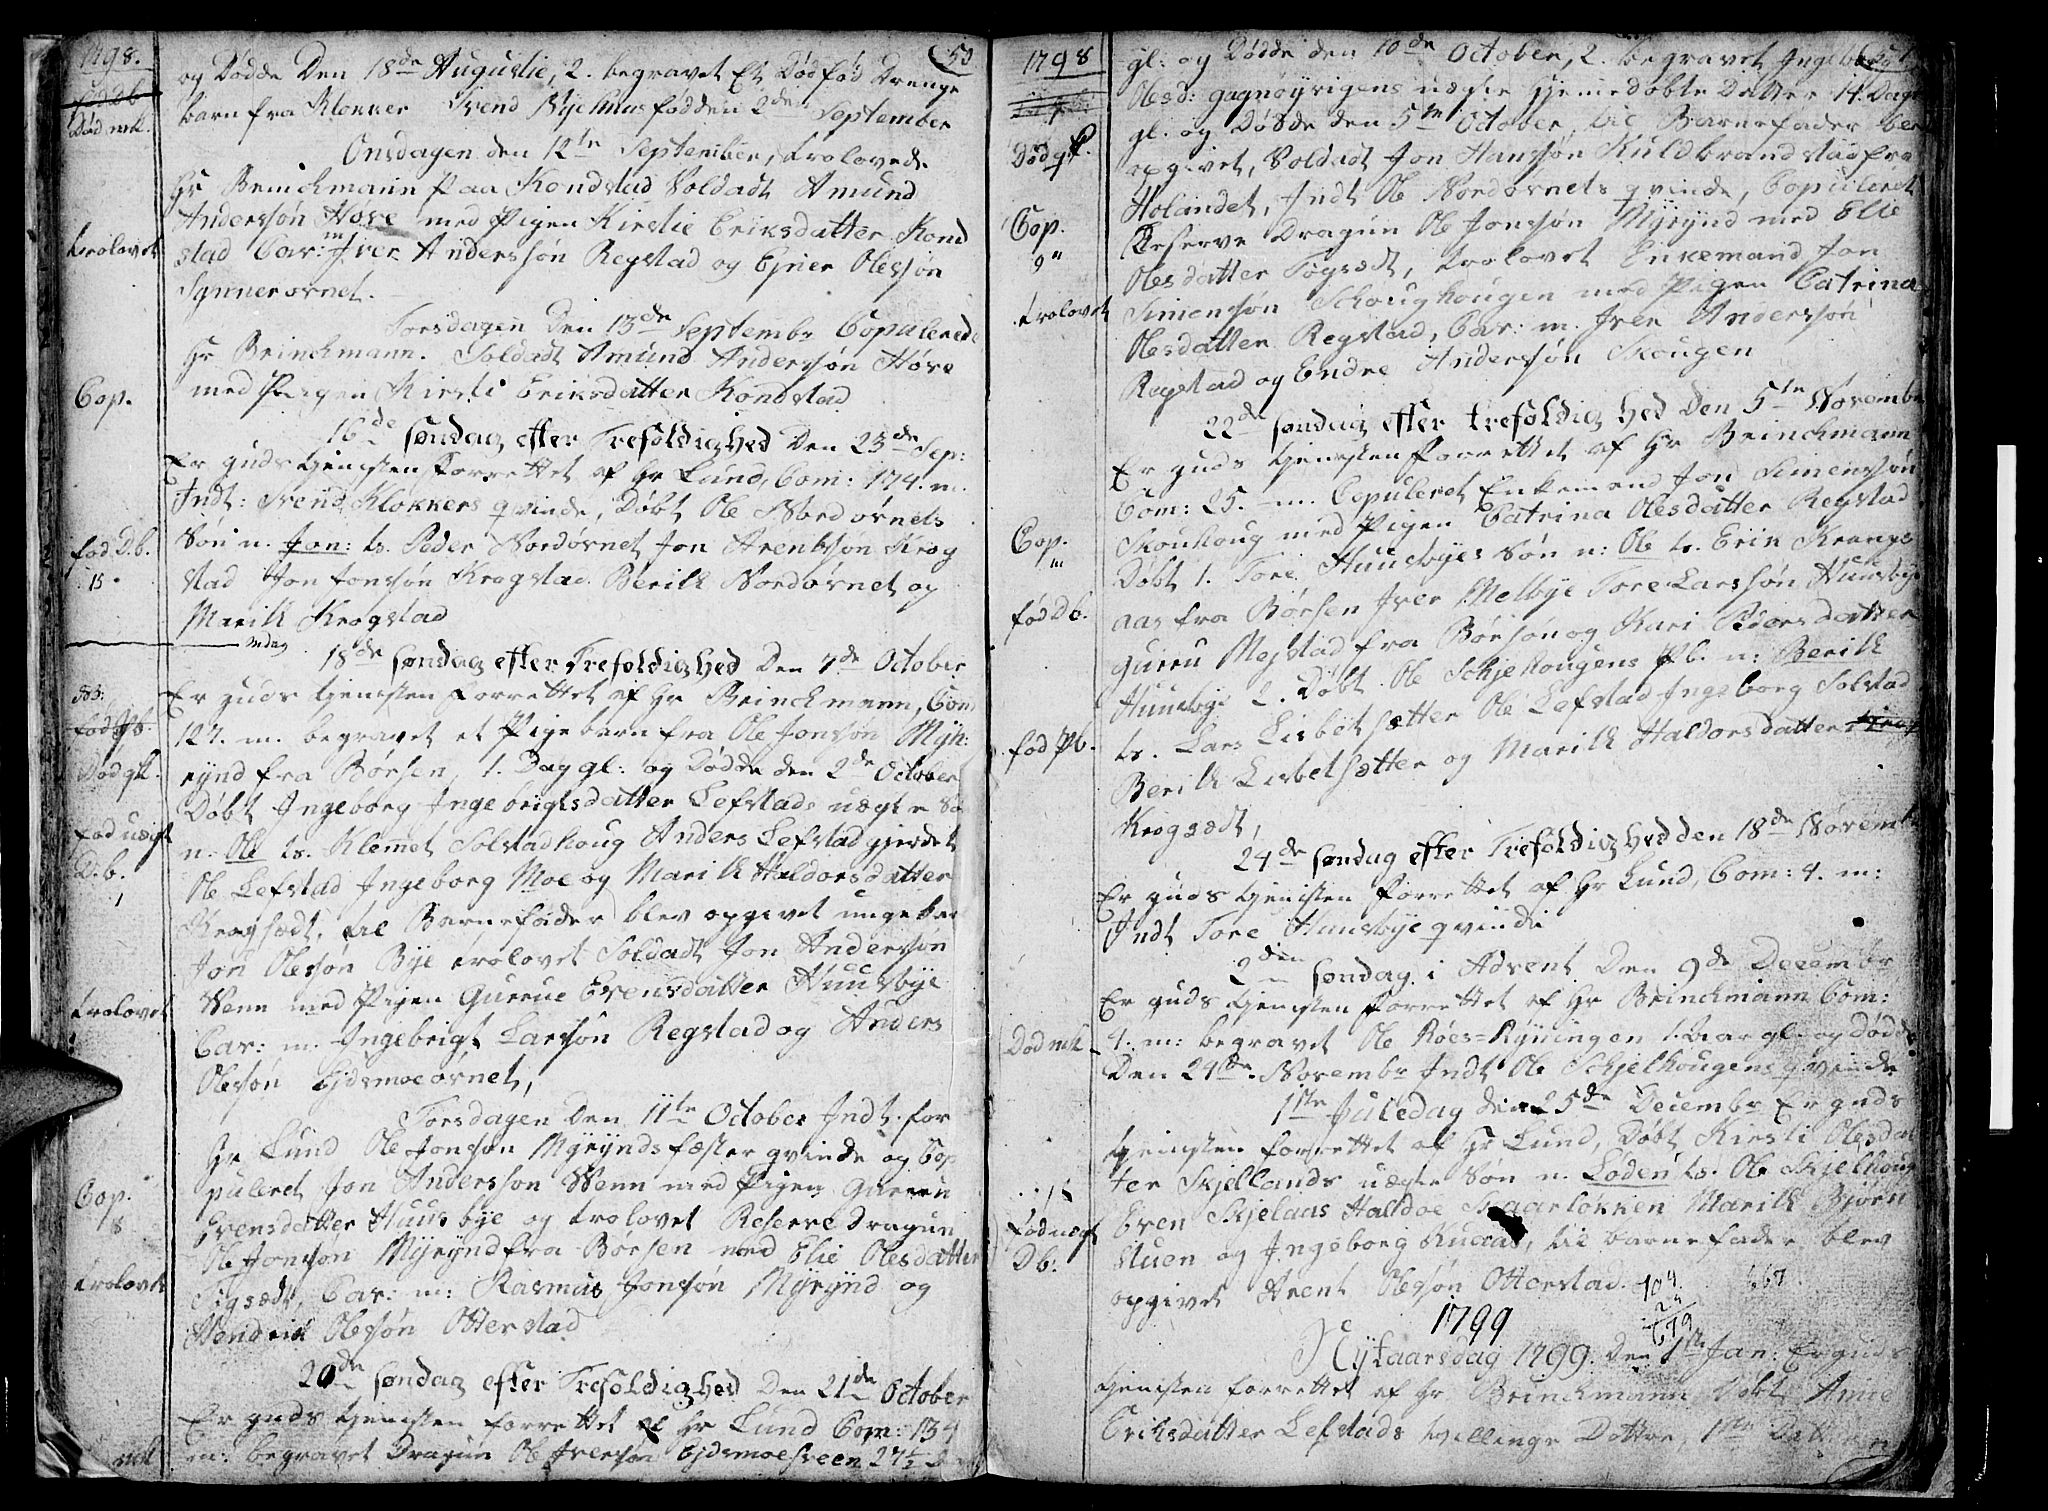 SAT, Ministerialprotokoller, klokkerbøker og fødselsregistre - Sør-Trøndelag, 667/L0794: Ministerialbok nr. 667A02, 1791-1816, s. 50-51